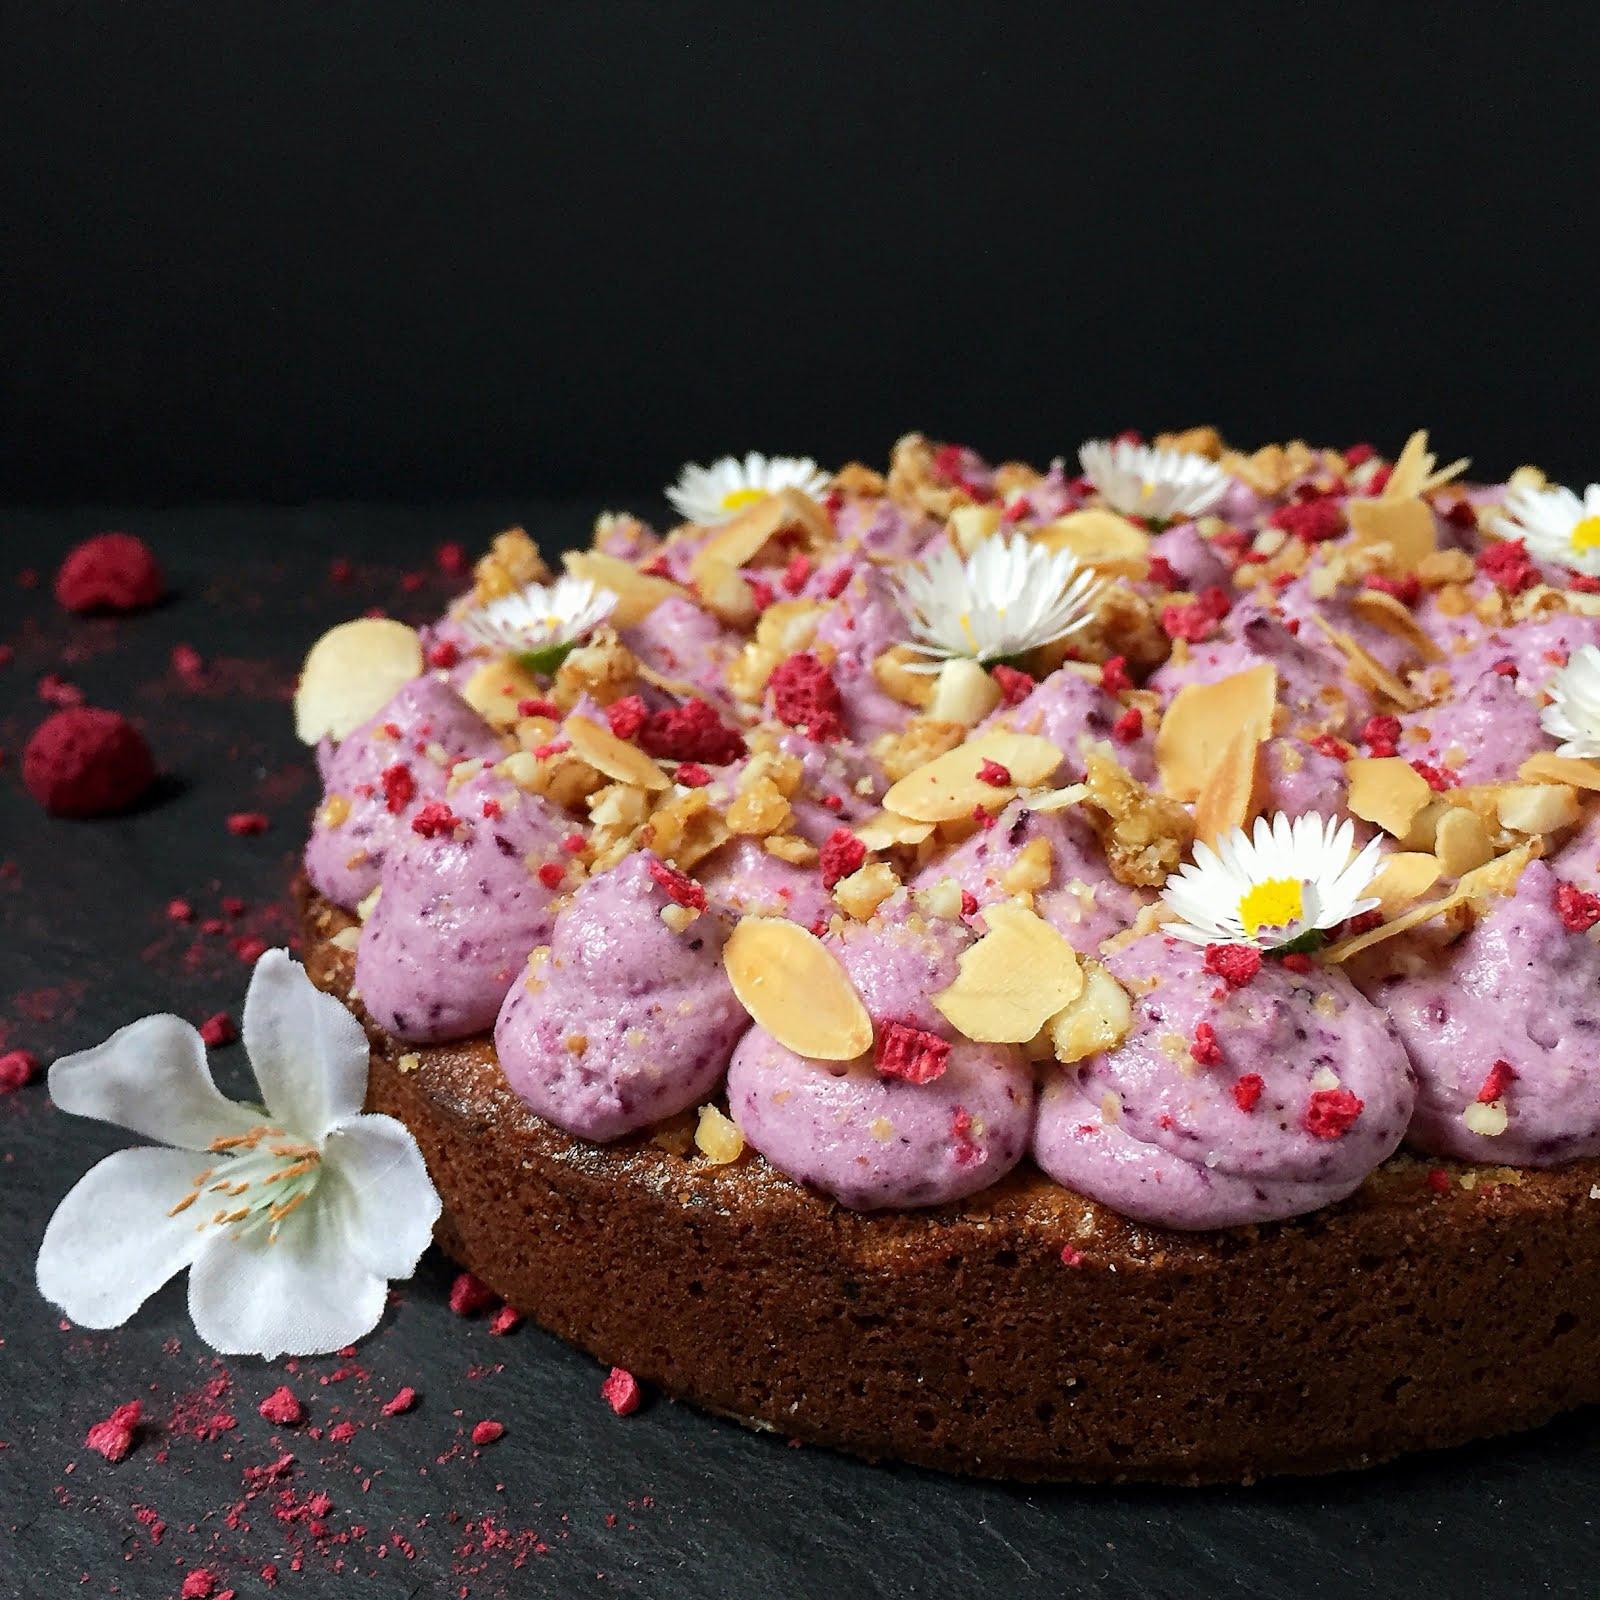 Hier habe ich mich für Mandelblättchen gefrier rocknete Himbeeren sowie Gänseblümchen entschieden So kann auch ein relativ einfacher Kuchen zu einem